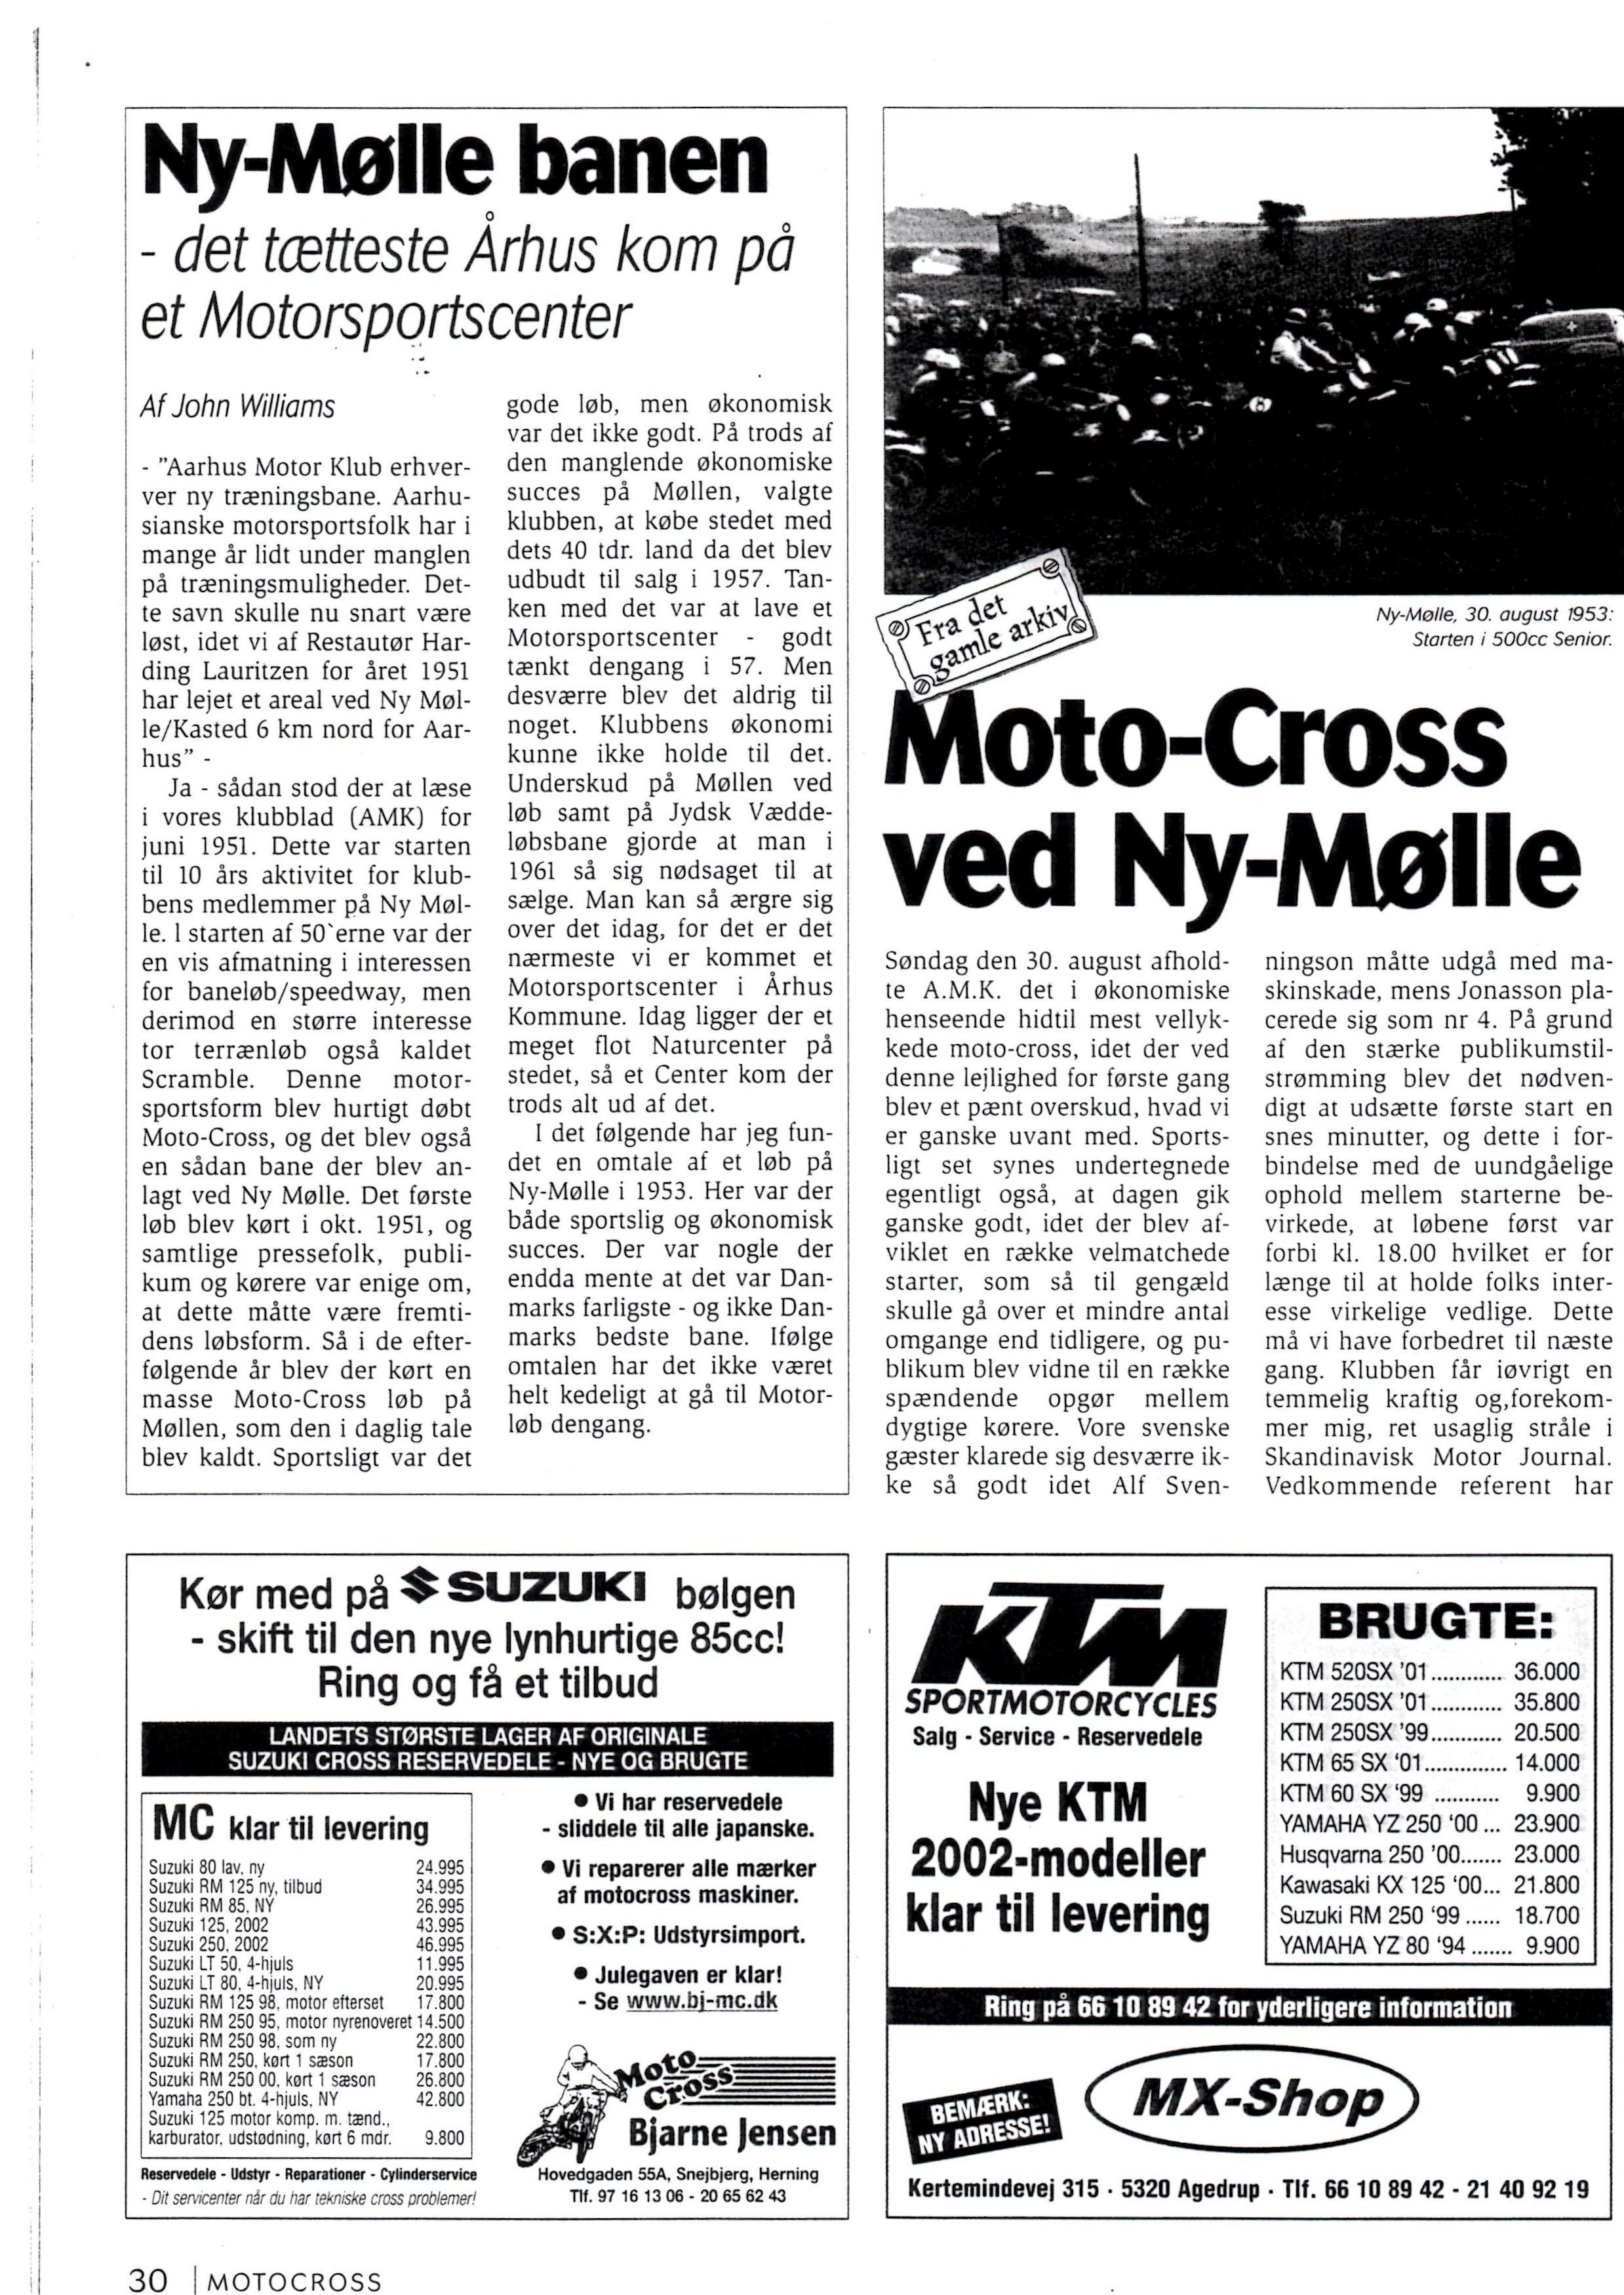 Artikel blev bragt i DMU-bladet